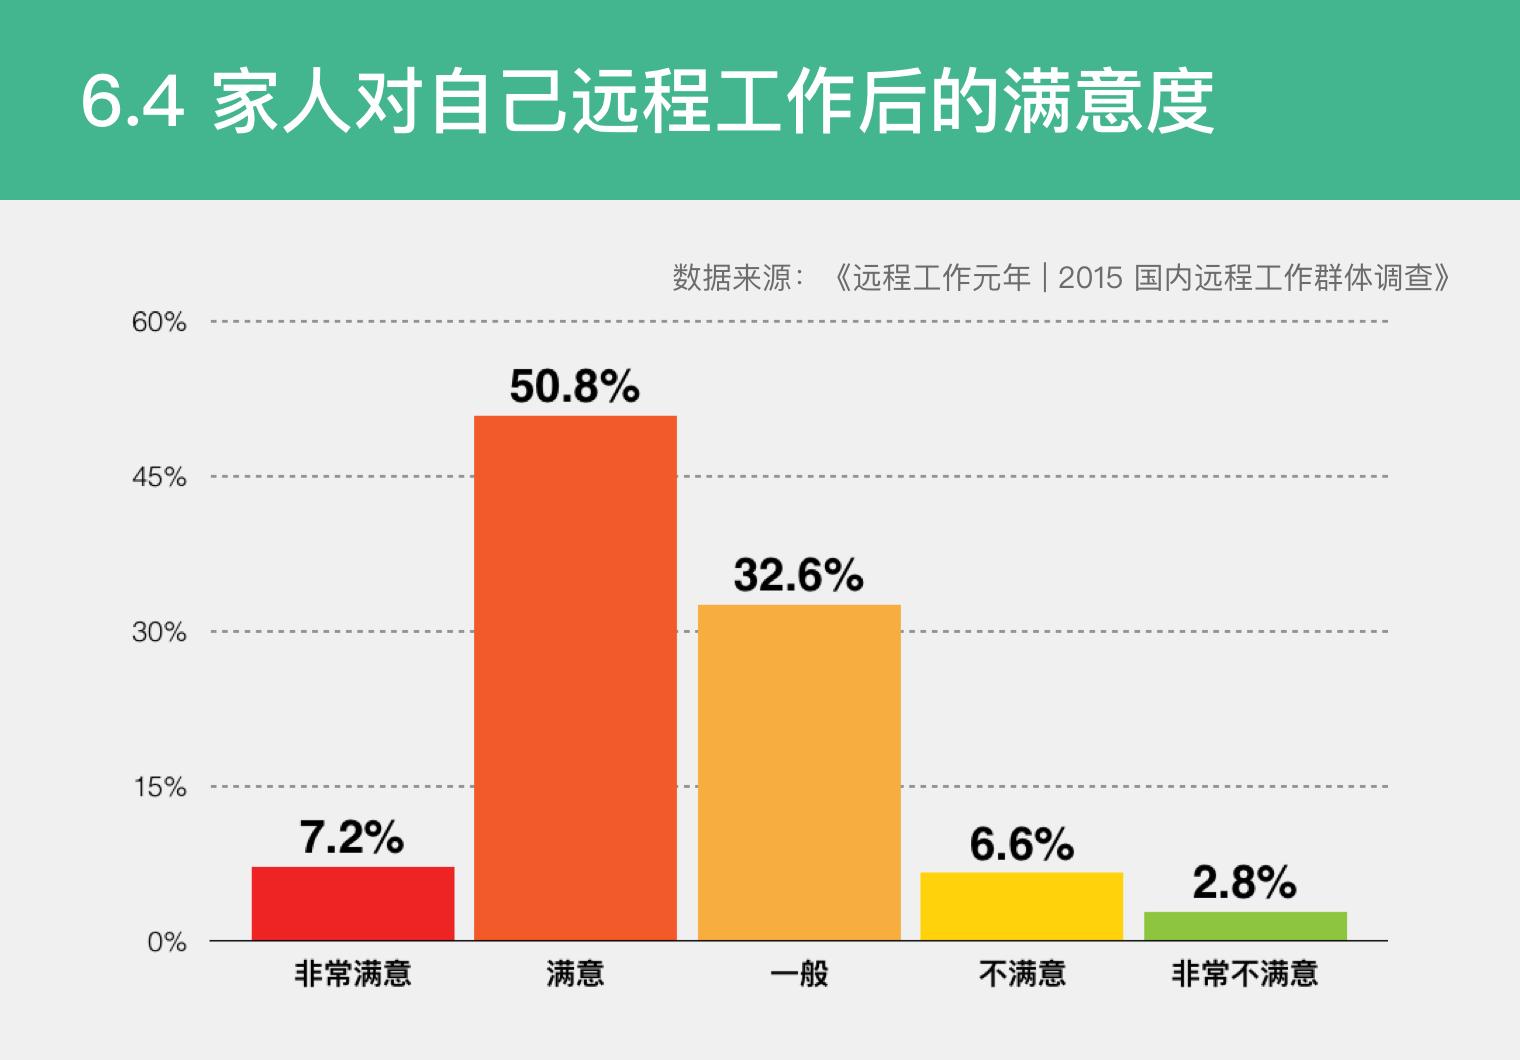 6.4 家人对自己远程工作后的满意度.png